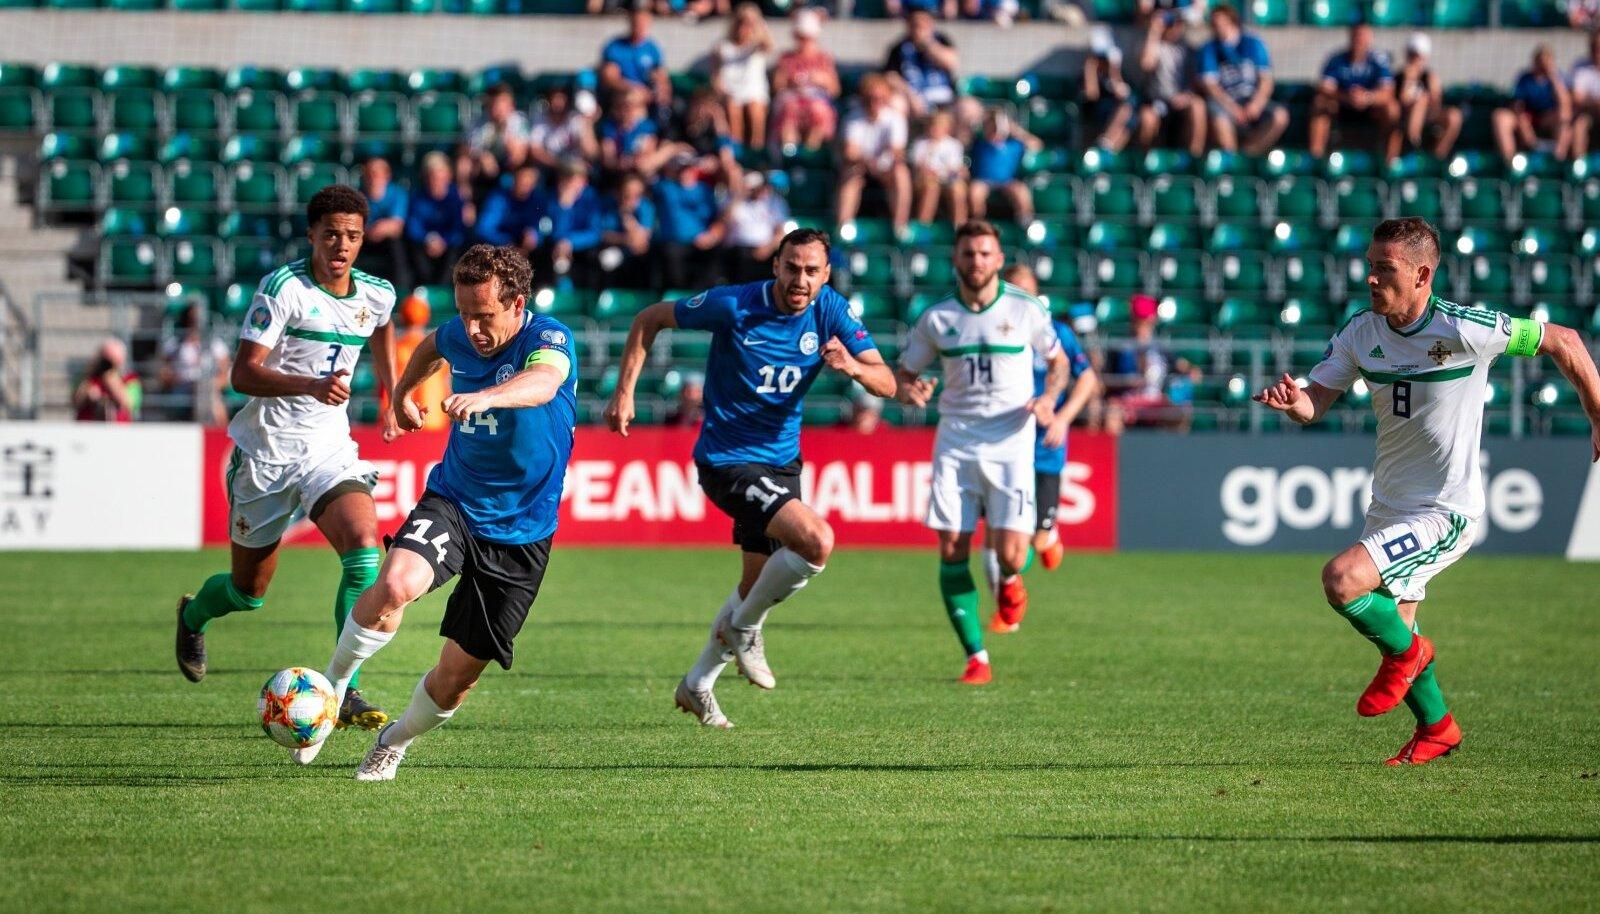 Eesti vs Põhja-Iirimaa 2019. aastal Tallinnas.